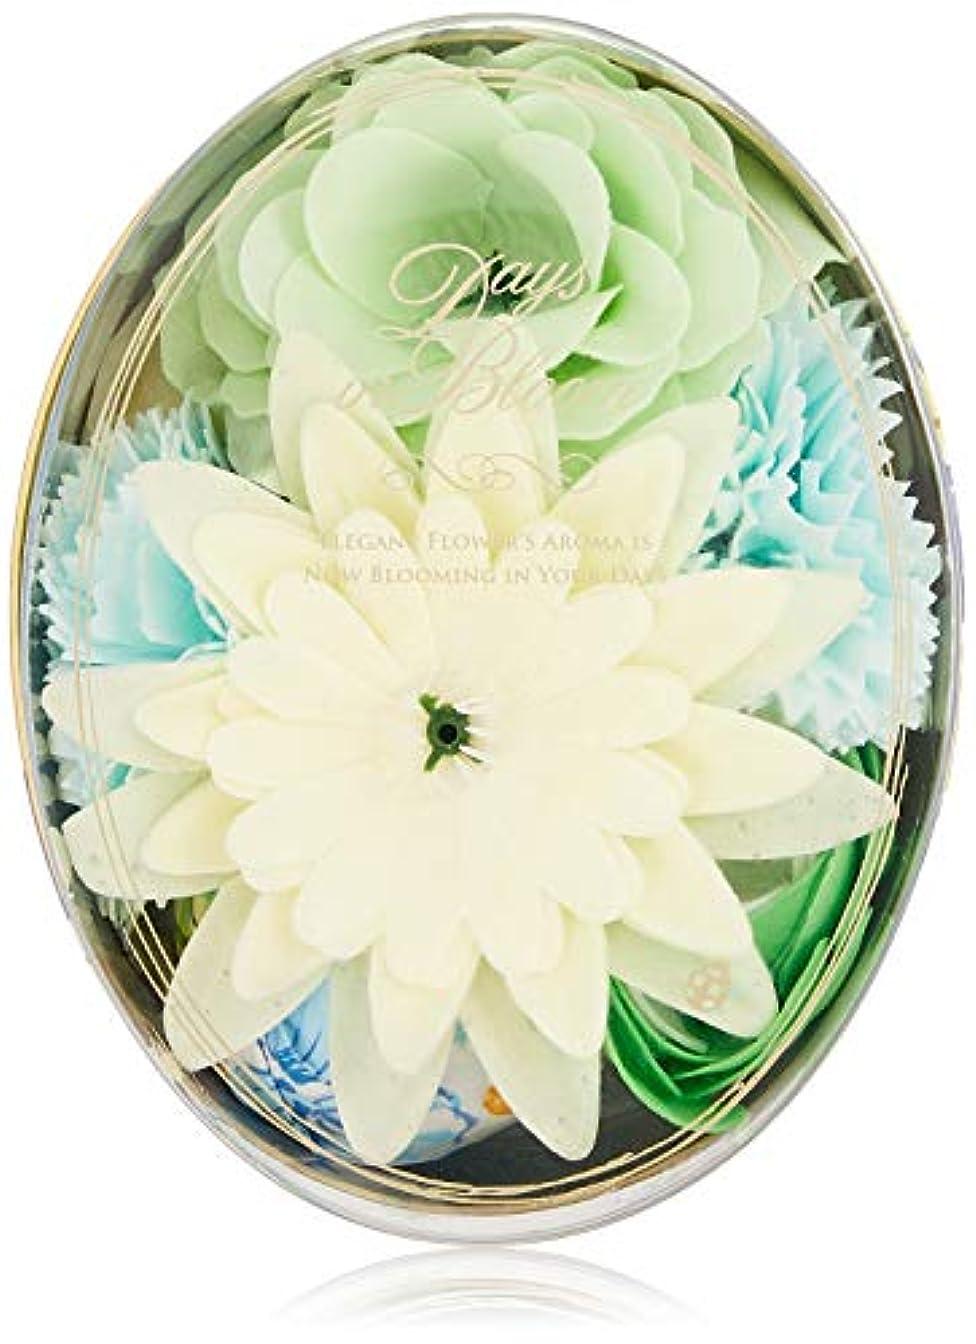 運河泣いている比較的デイズインブルーム バスセットオーバル ガーデニア (入浴料 お花の形のバスギフト)